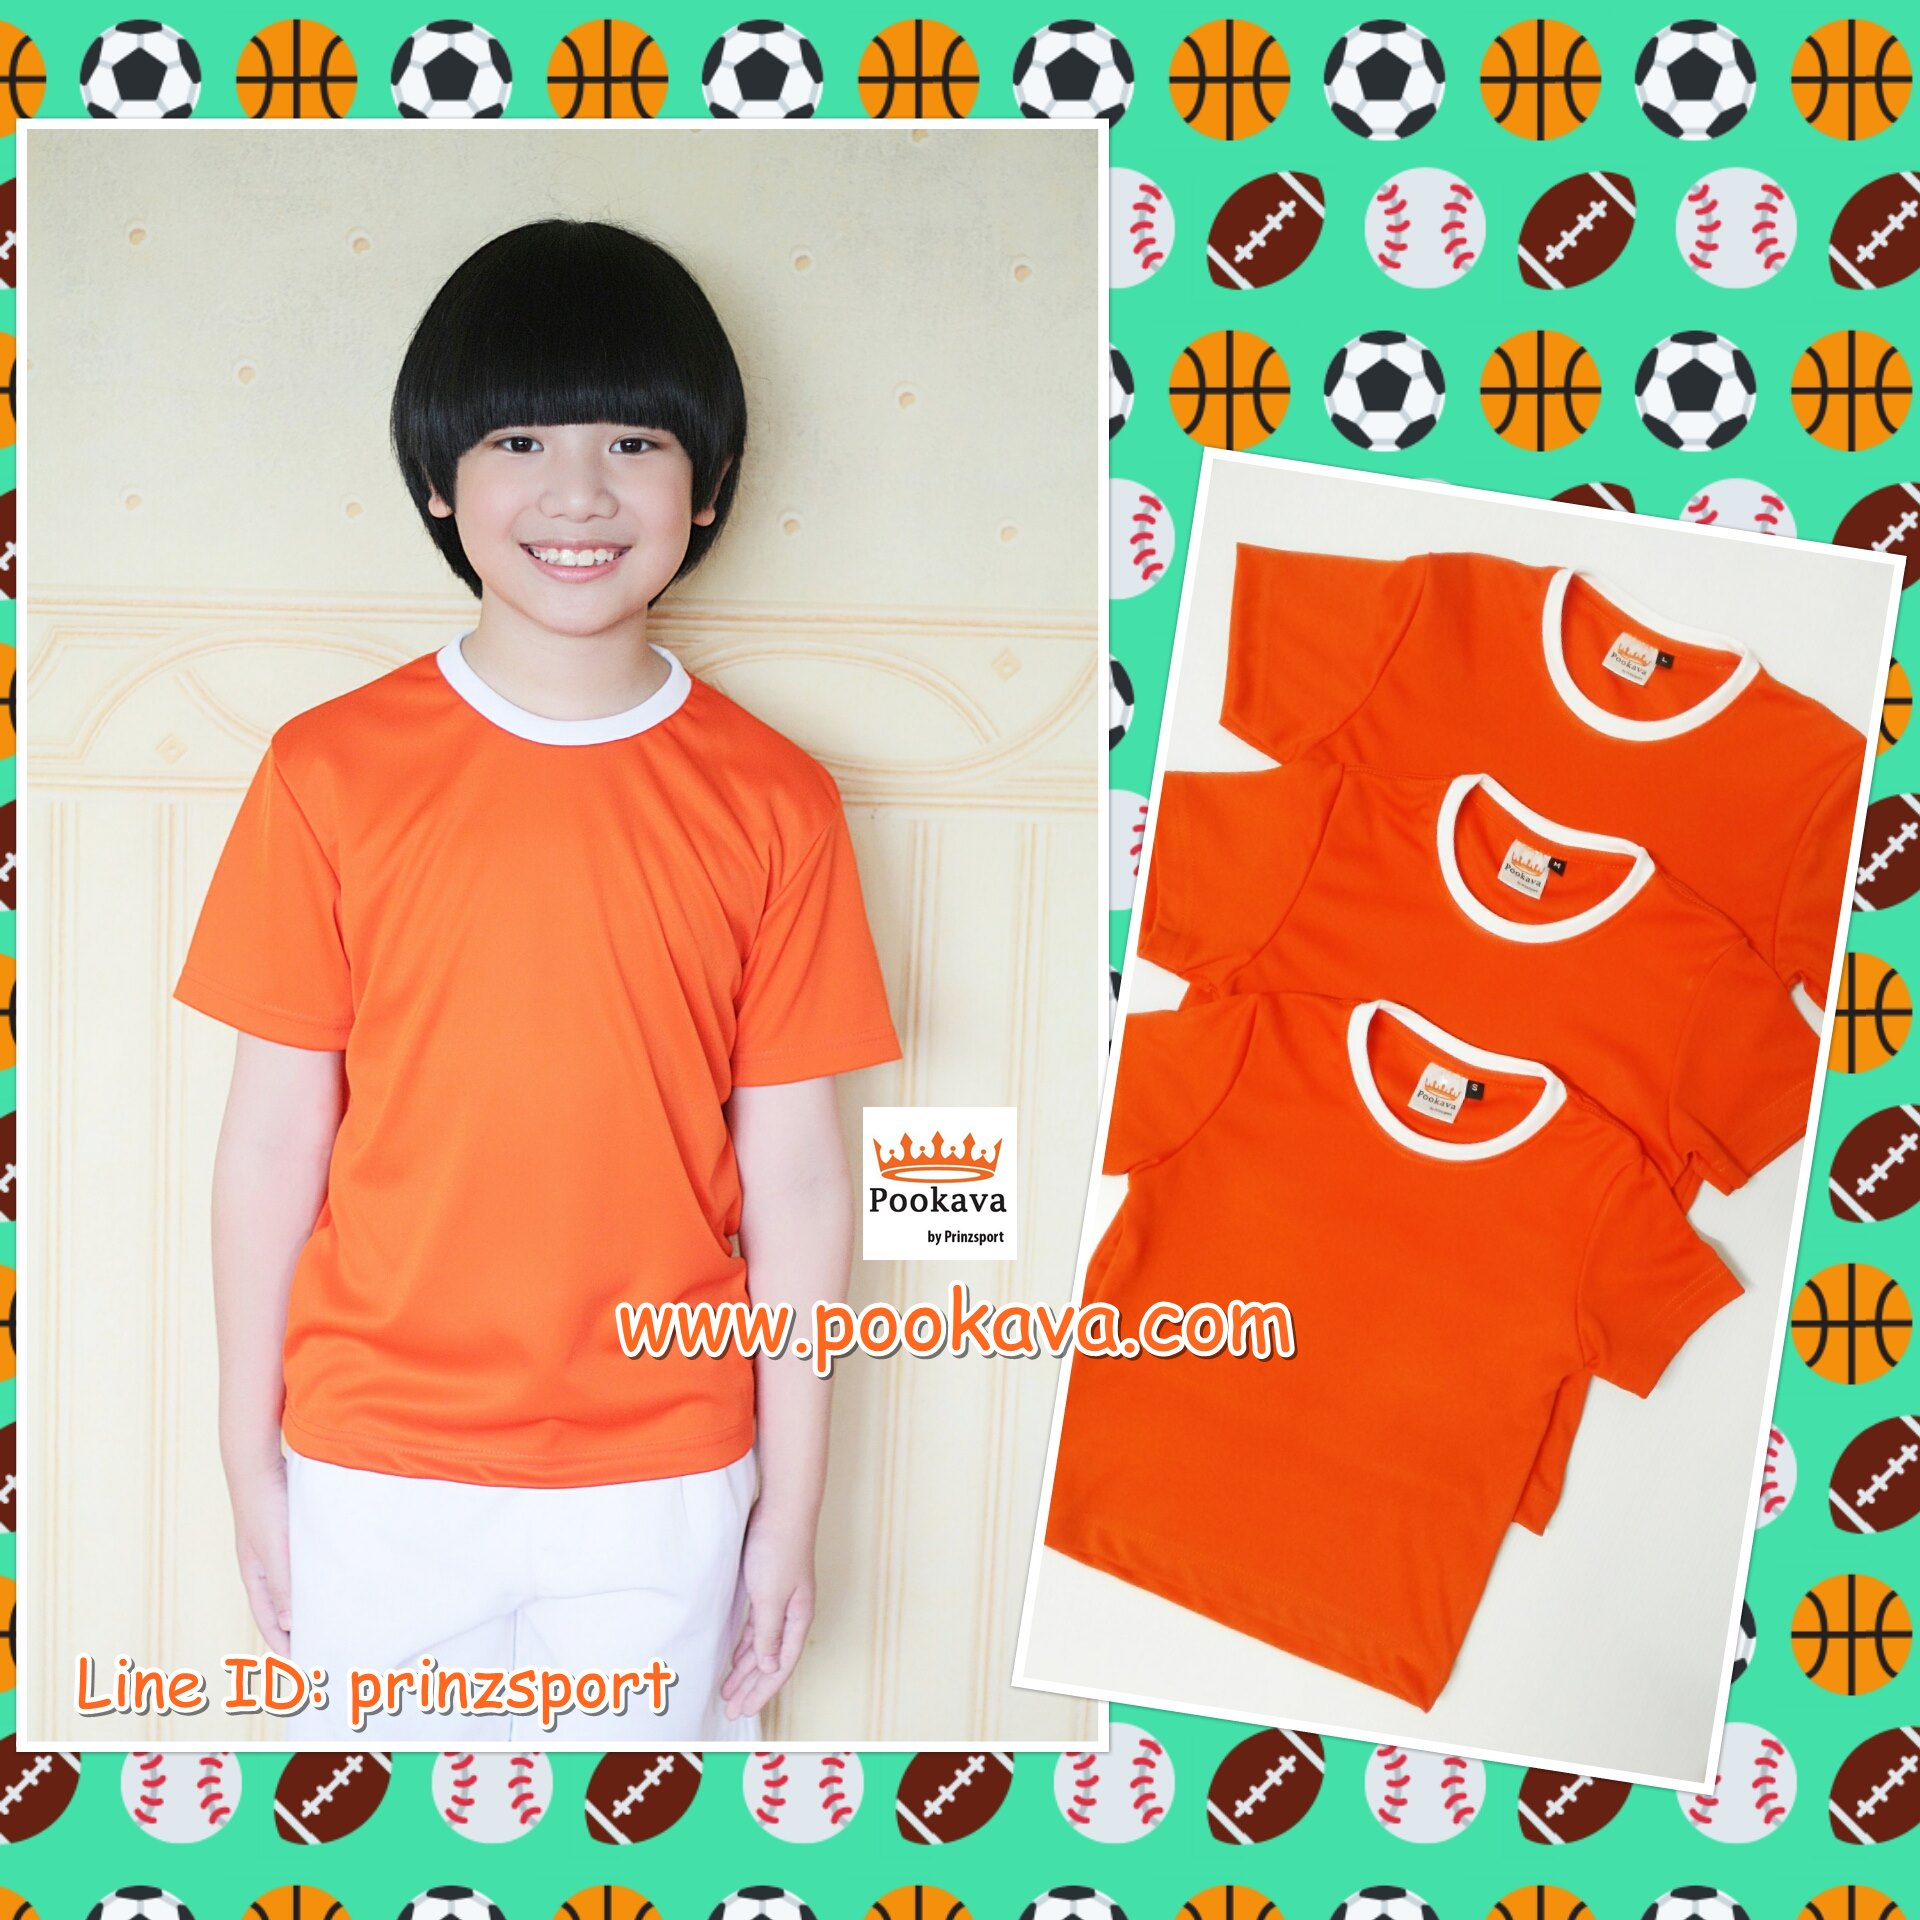 ขายส่ง ไซส์ M เสื้อกีฬาสีเด็ก เสื้อกีฬาเปล่าเด็ก เสื้อกีฬาสีอนุบาล สีส้ม